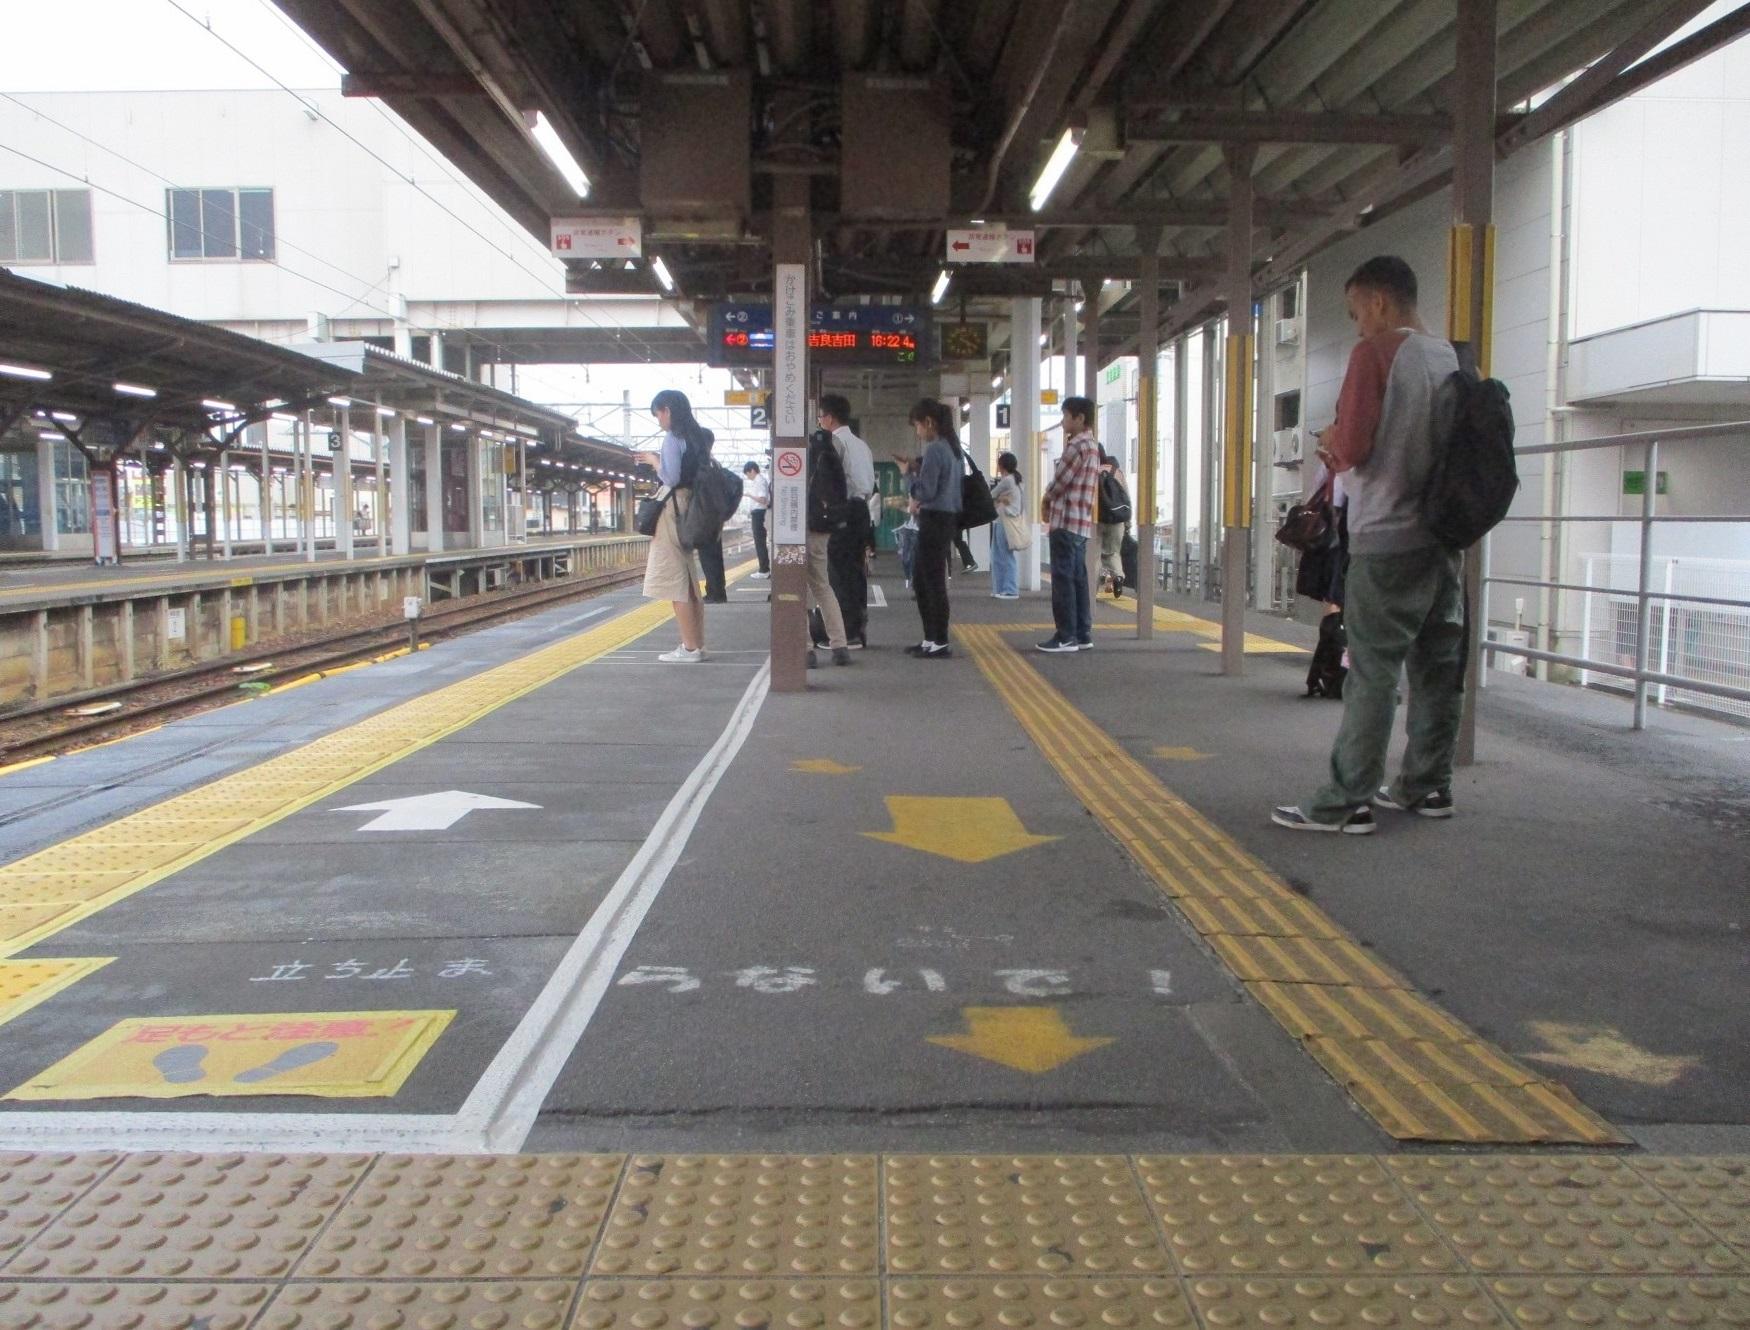 2019.10.7 (35) しんあんじょう - 西尾線ホーム(にしがわ) 1750-1330